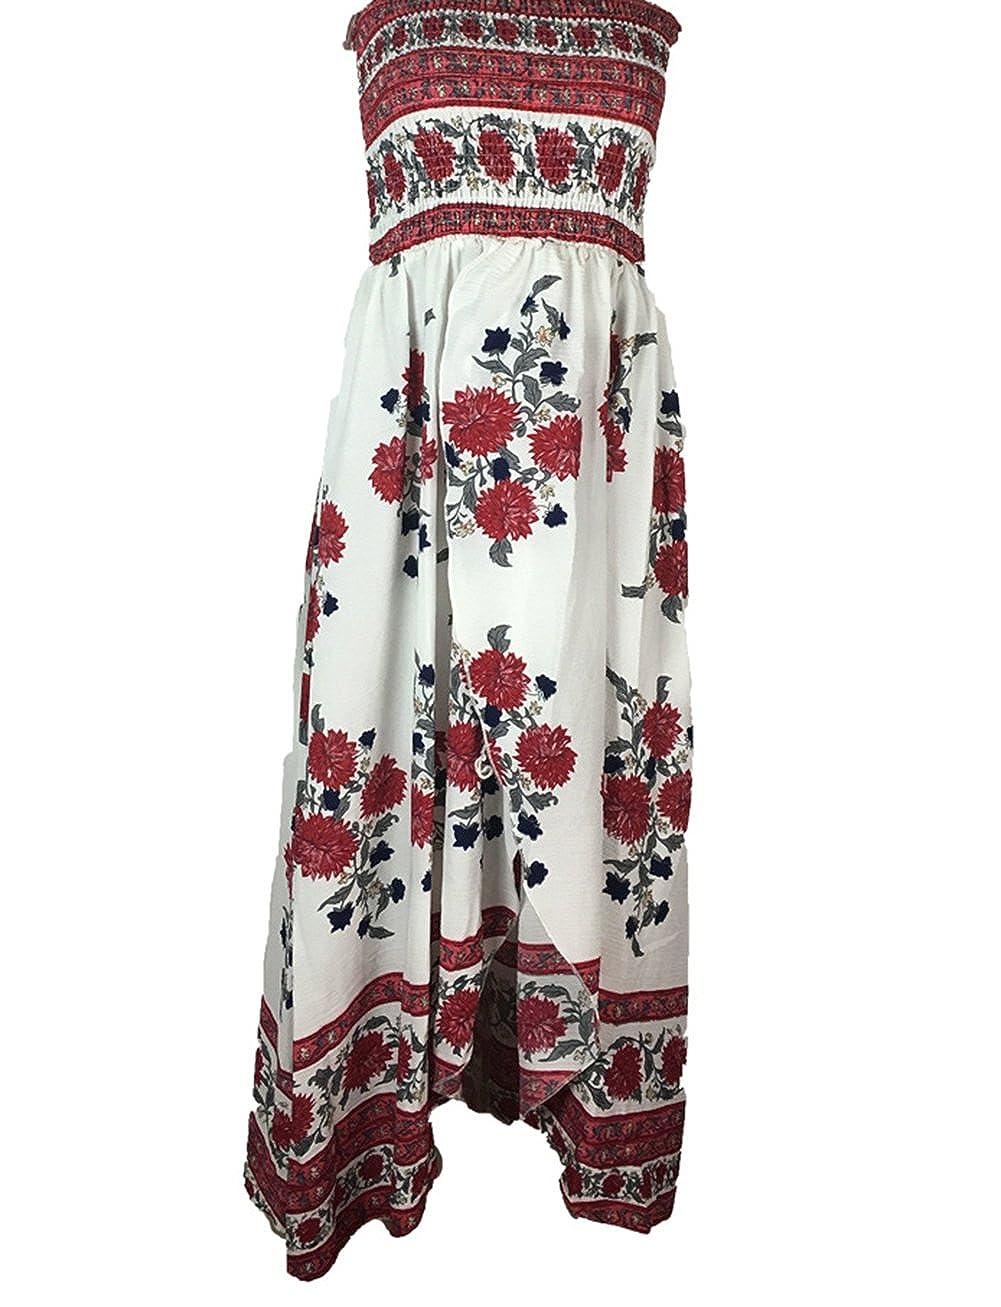 1772b4fbae9 Winfon Femme Robe d été Chic Robe été Imprimé Floral Sexy Boho Épaules Nue  Robe Bustier Plage Longue  Amazon.fr  Vêtements et accessoires